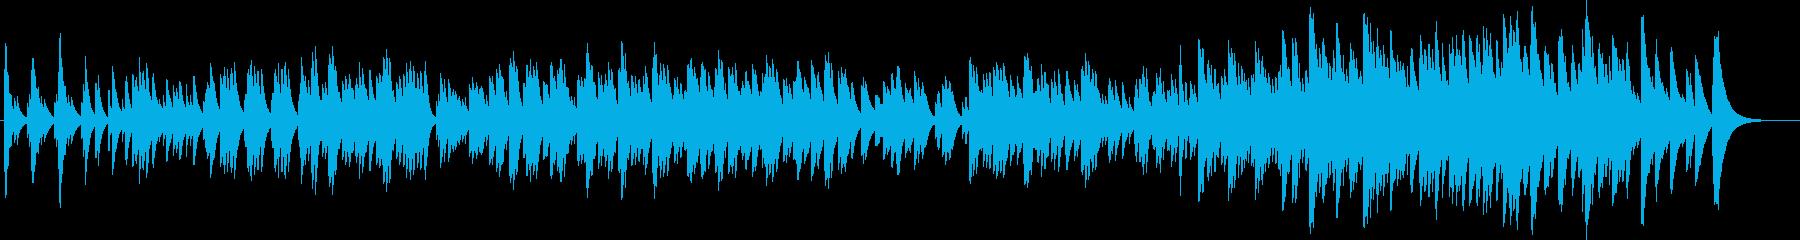 切なくも暖かい感じのオルゴール曲の再生済みの波形